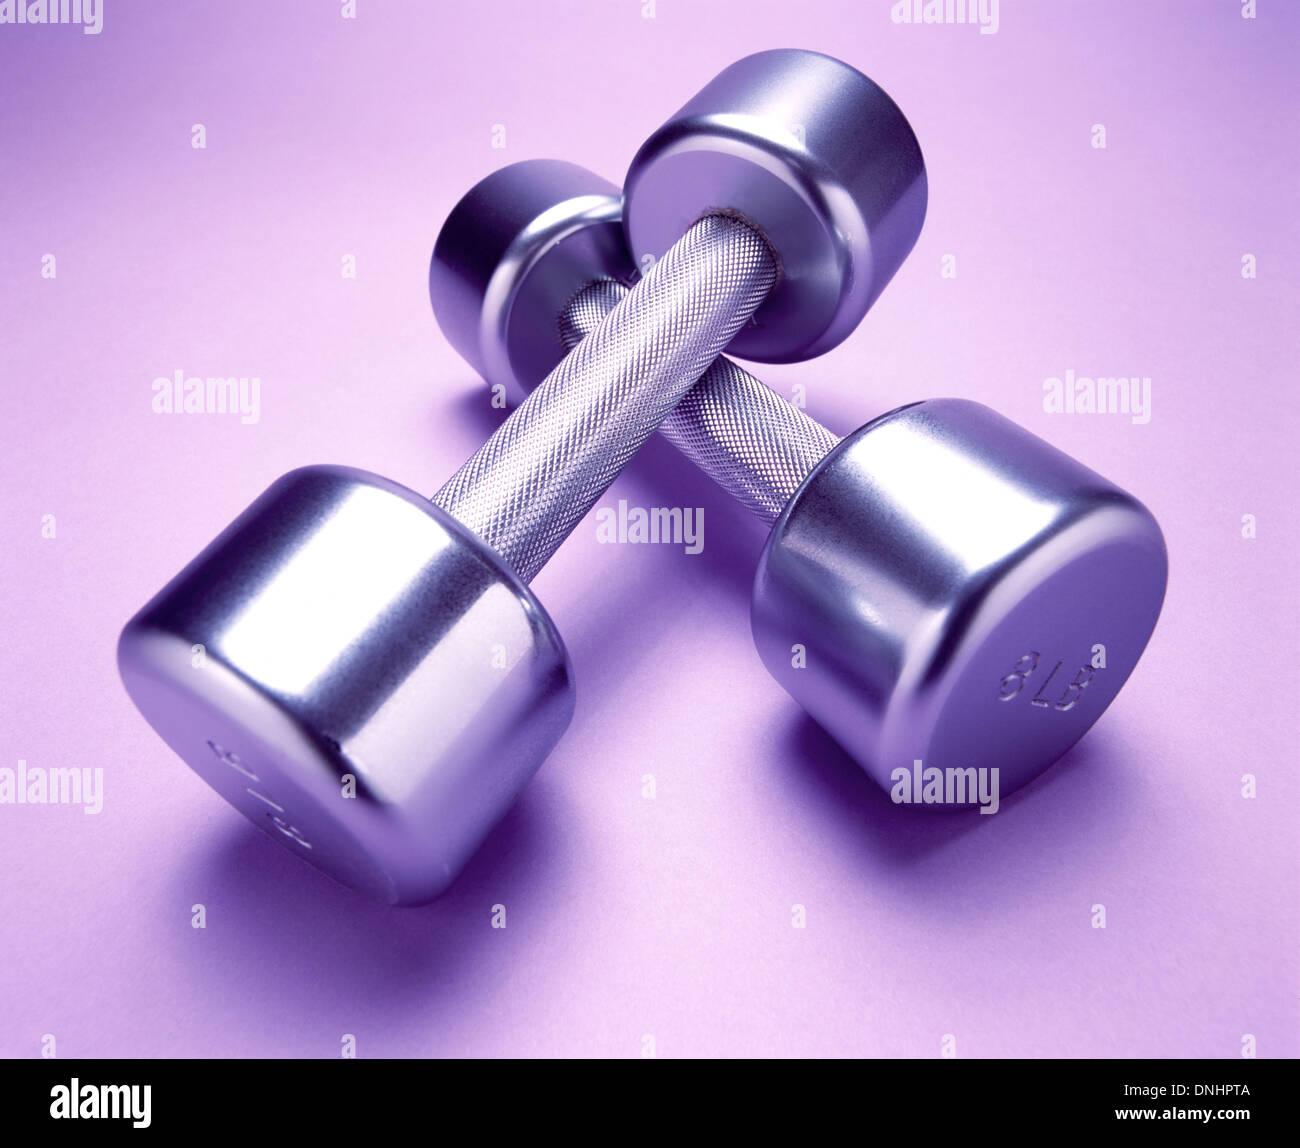 Un par de ejercicios de pesas de metal en una luz púrpura colchoneta de ejercicios. Imagen De Stock